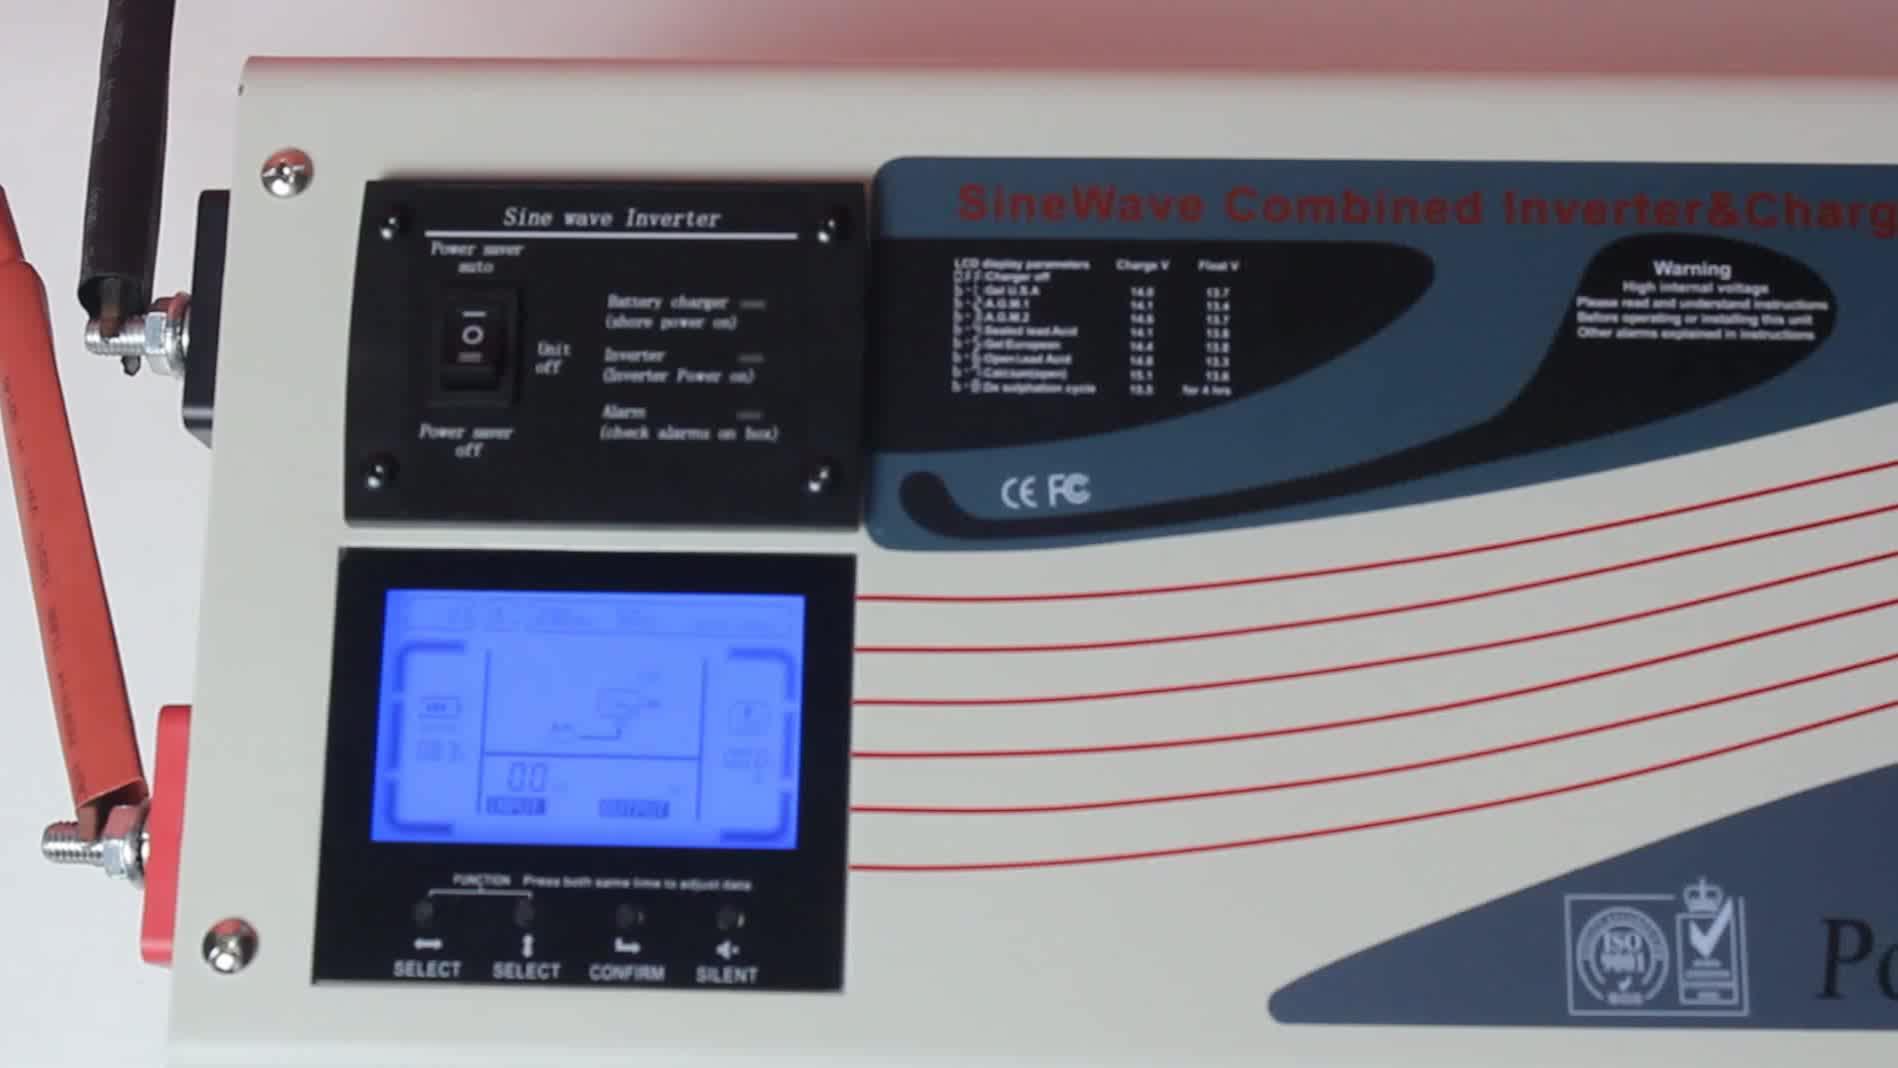 Schemi Elettrici Pdf : Inverter schema elettrico w pdf inverter di potenza v